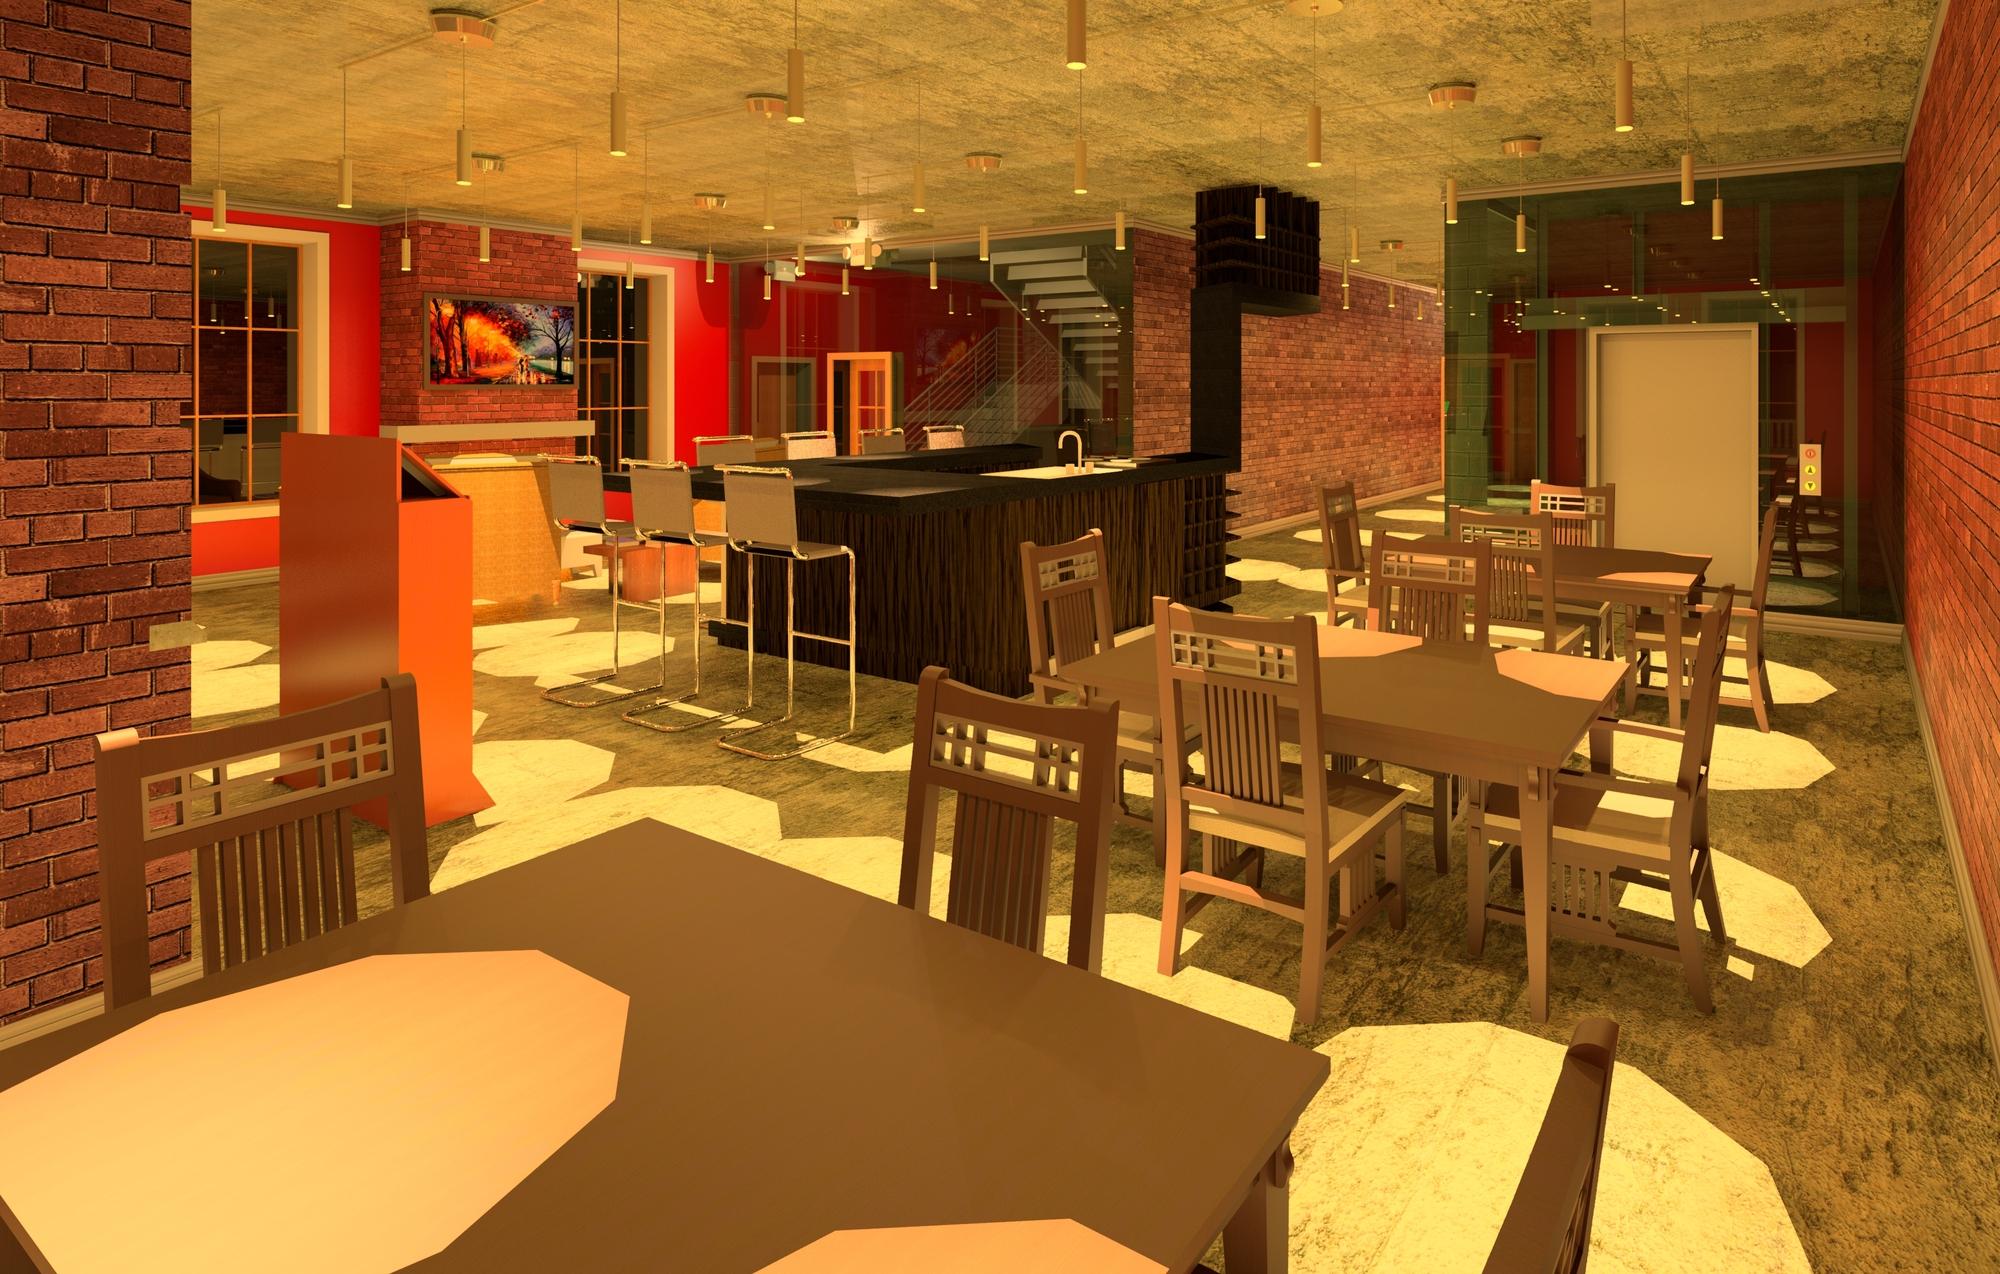 Raas-rendering20150407-8188-13yqcg3